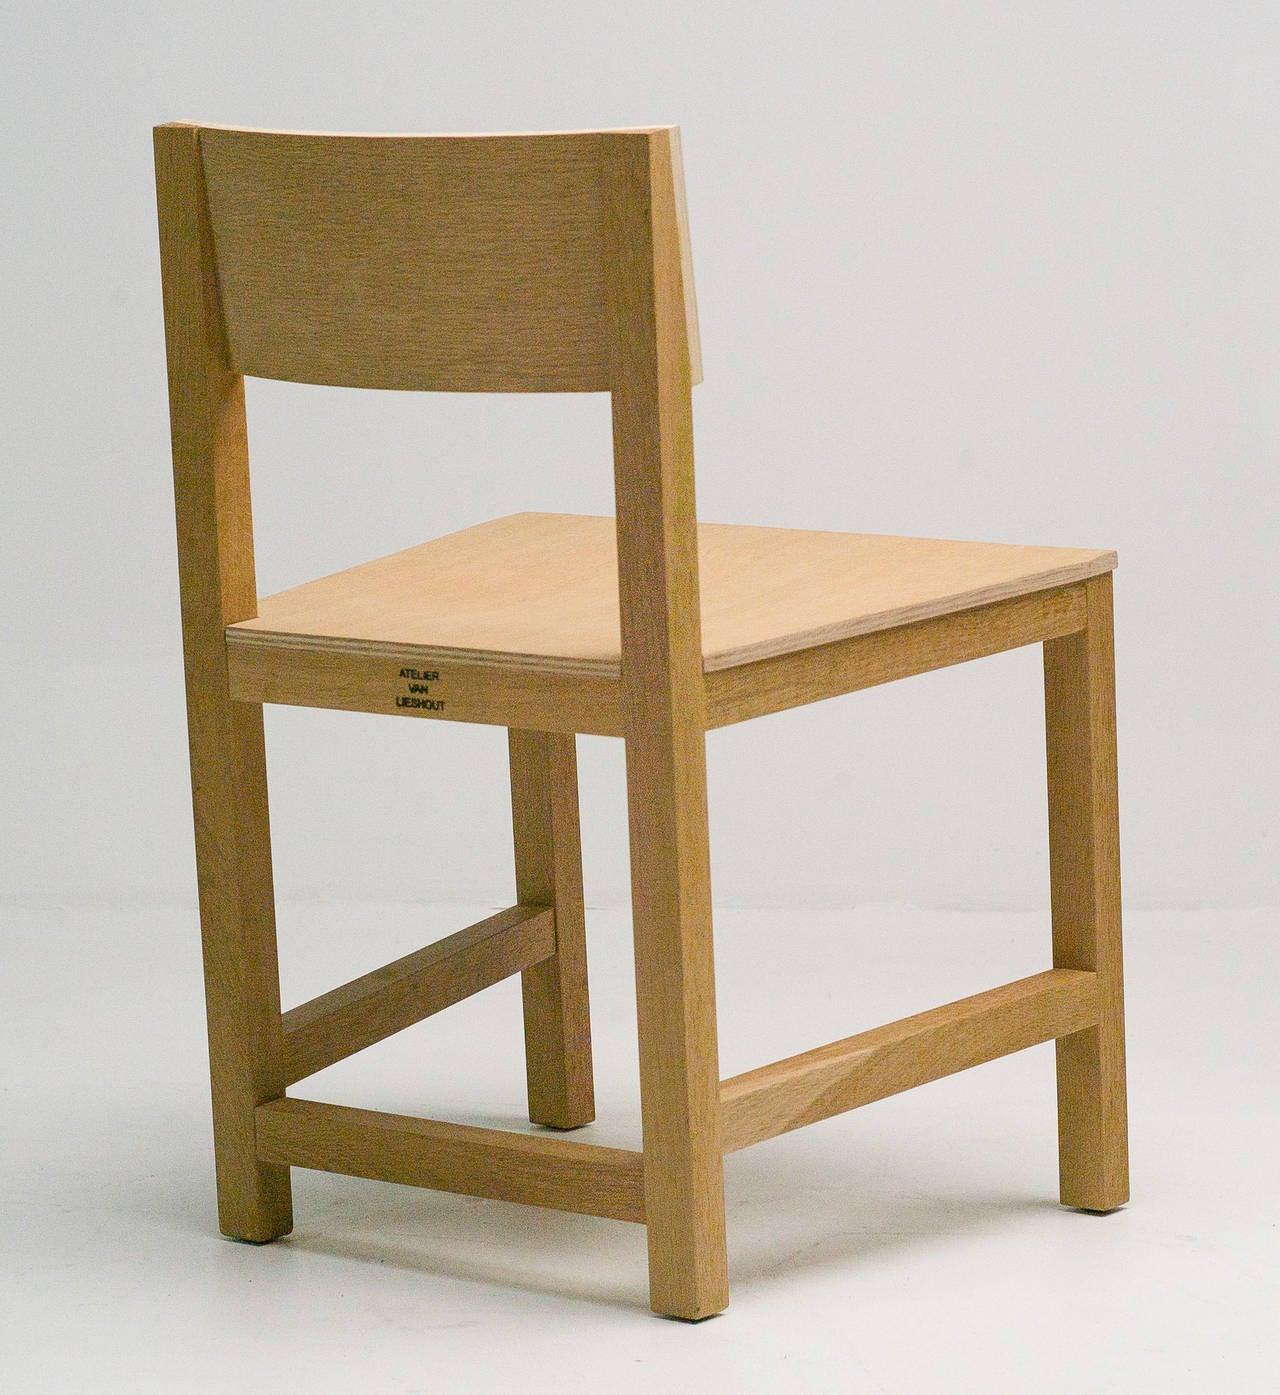 Avl Shaker Chair By Joep Van Lieshout For Sale At 1stdibs # Muebles Van Beuren